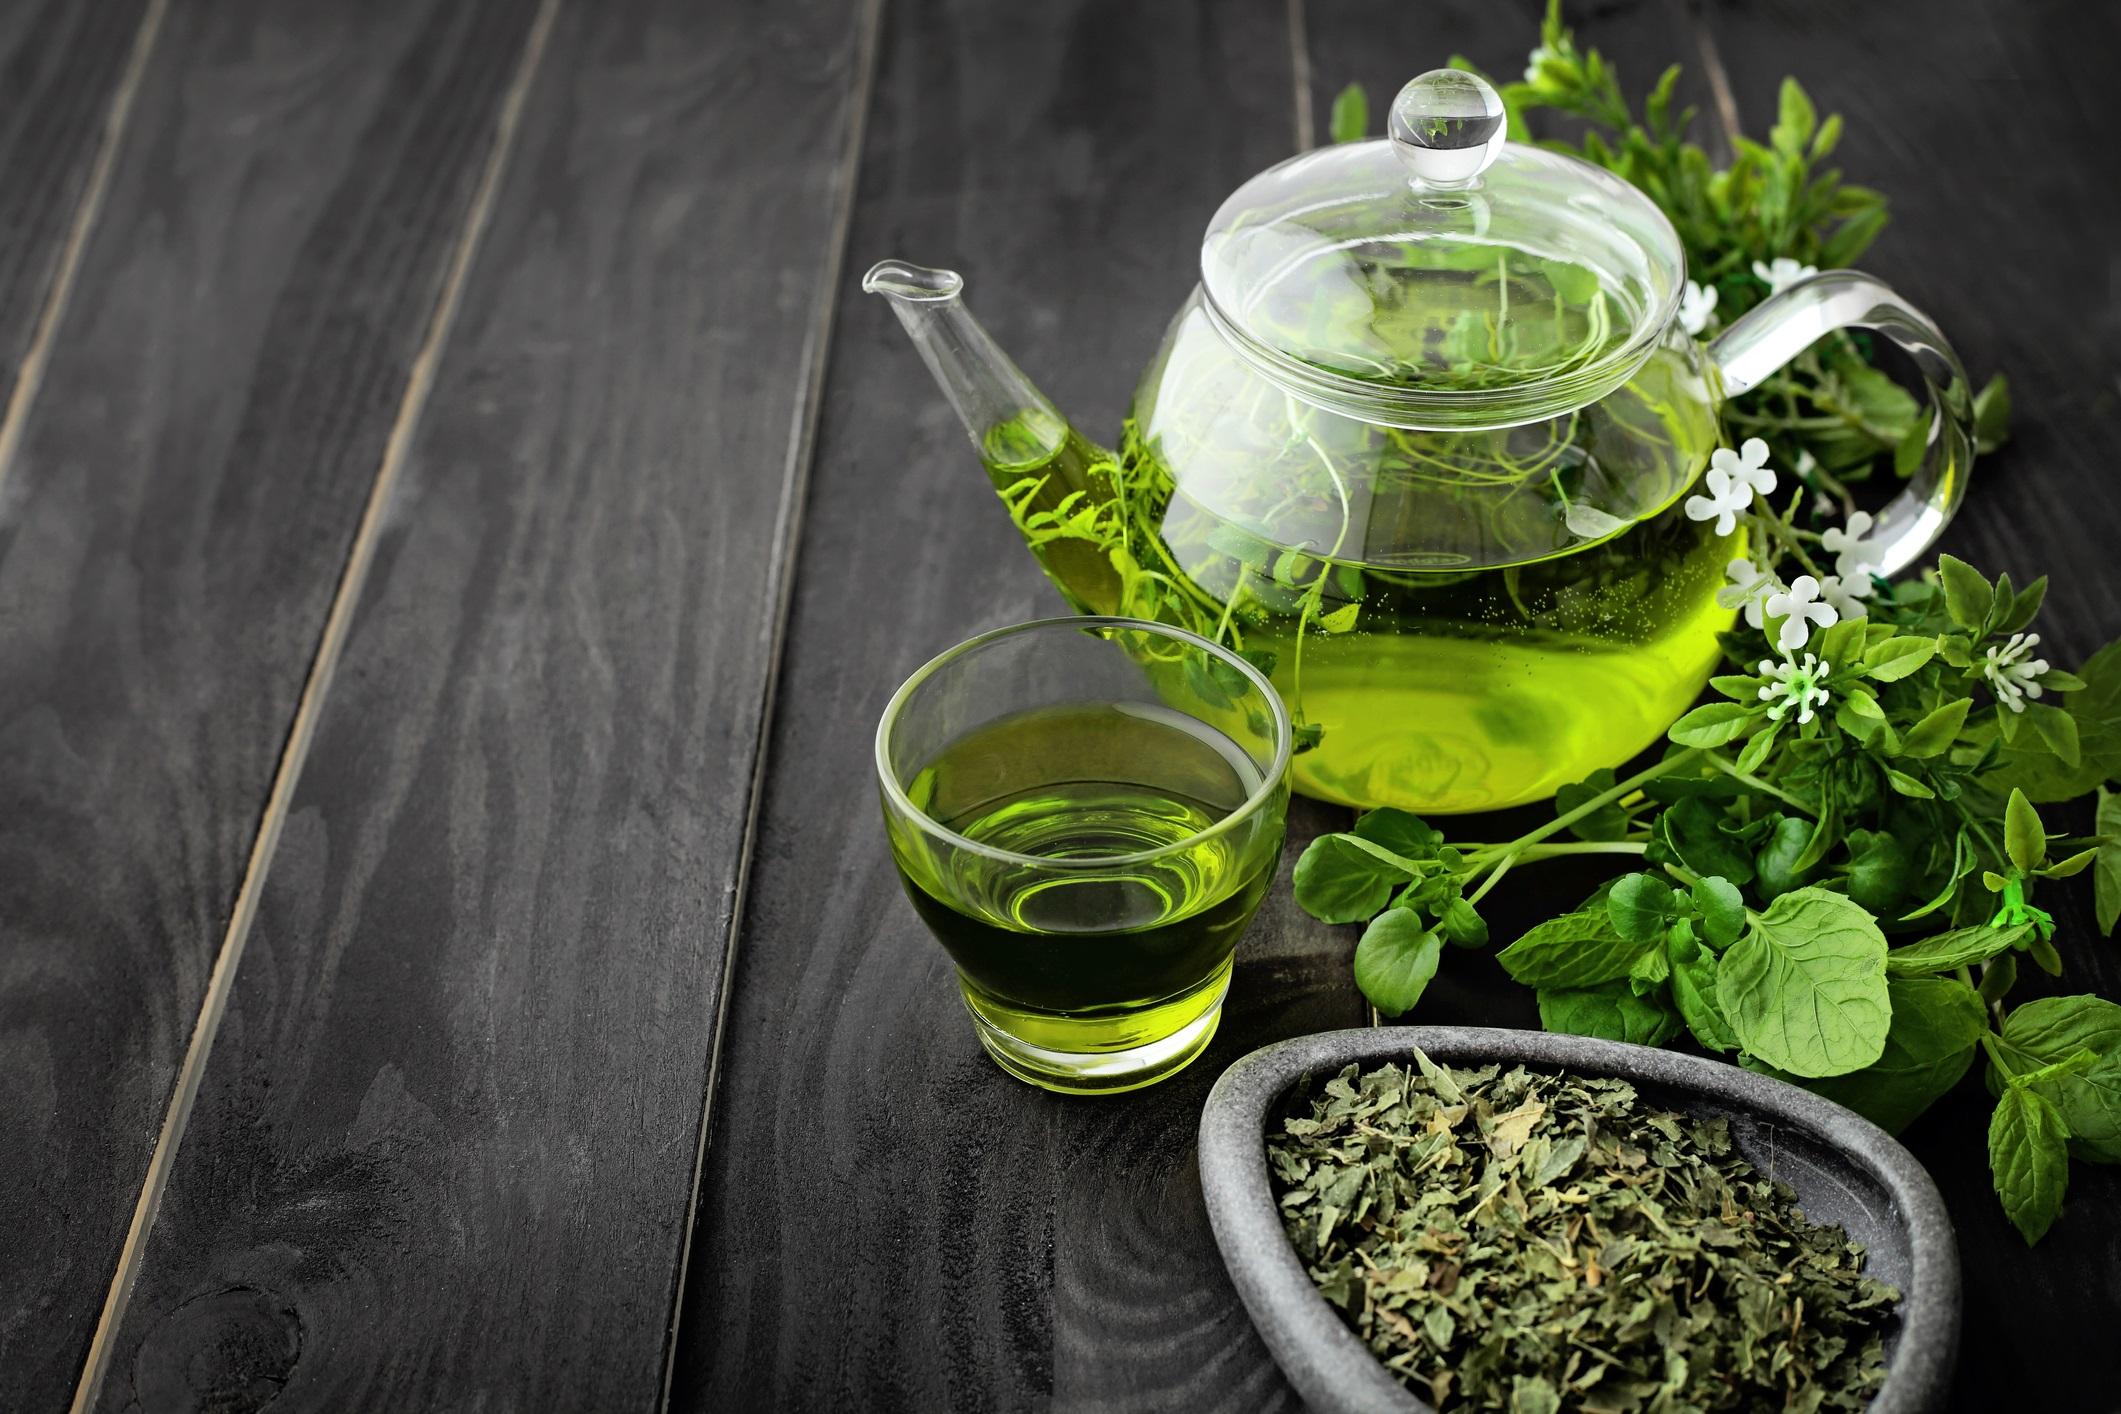 <p><strong>Увеличава продължителността на живота</strong></p>  <p>Хората, които пият зелен чай обикновено живеят по-дълго от хората, които не пият зелен чай. Проучване за 2020 г., проведено сред над 100 000 китайски участници, сочи, че тези, които пият зелен чай поне три пъти седмично, живеят средно с 15 месеца по-дълго от тези, които не пият зелен чай. Учените все още се опитват да разберат механизмите, чрез които зеленият чай може да увеличи продължителността на нечий живот.</p>